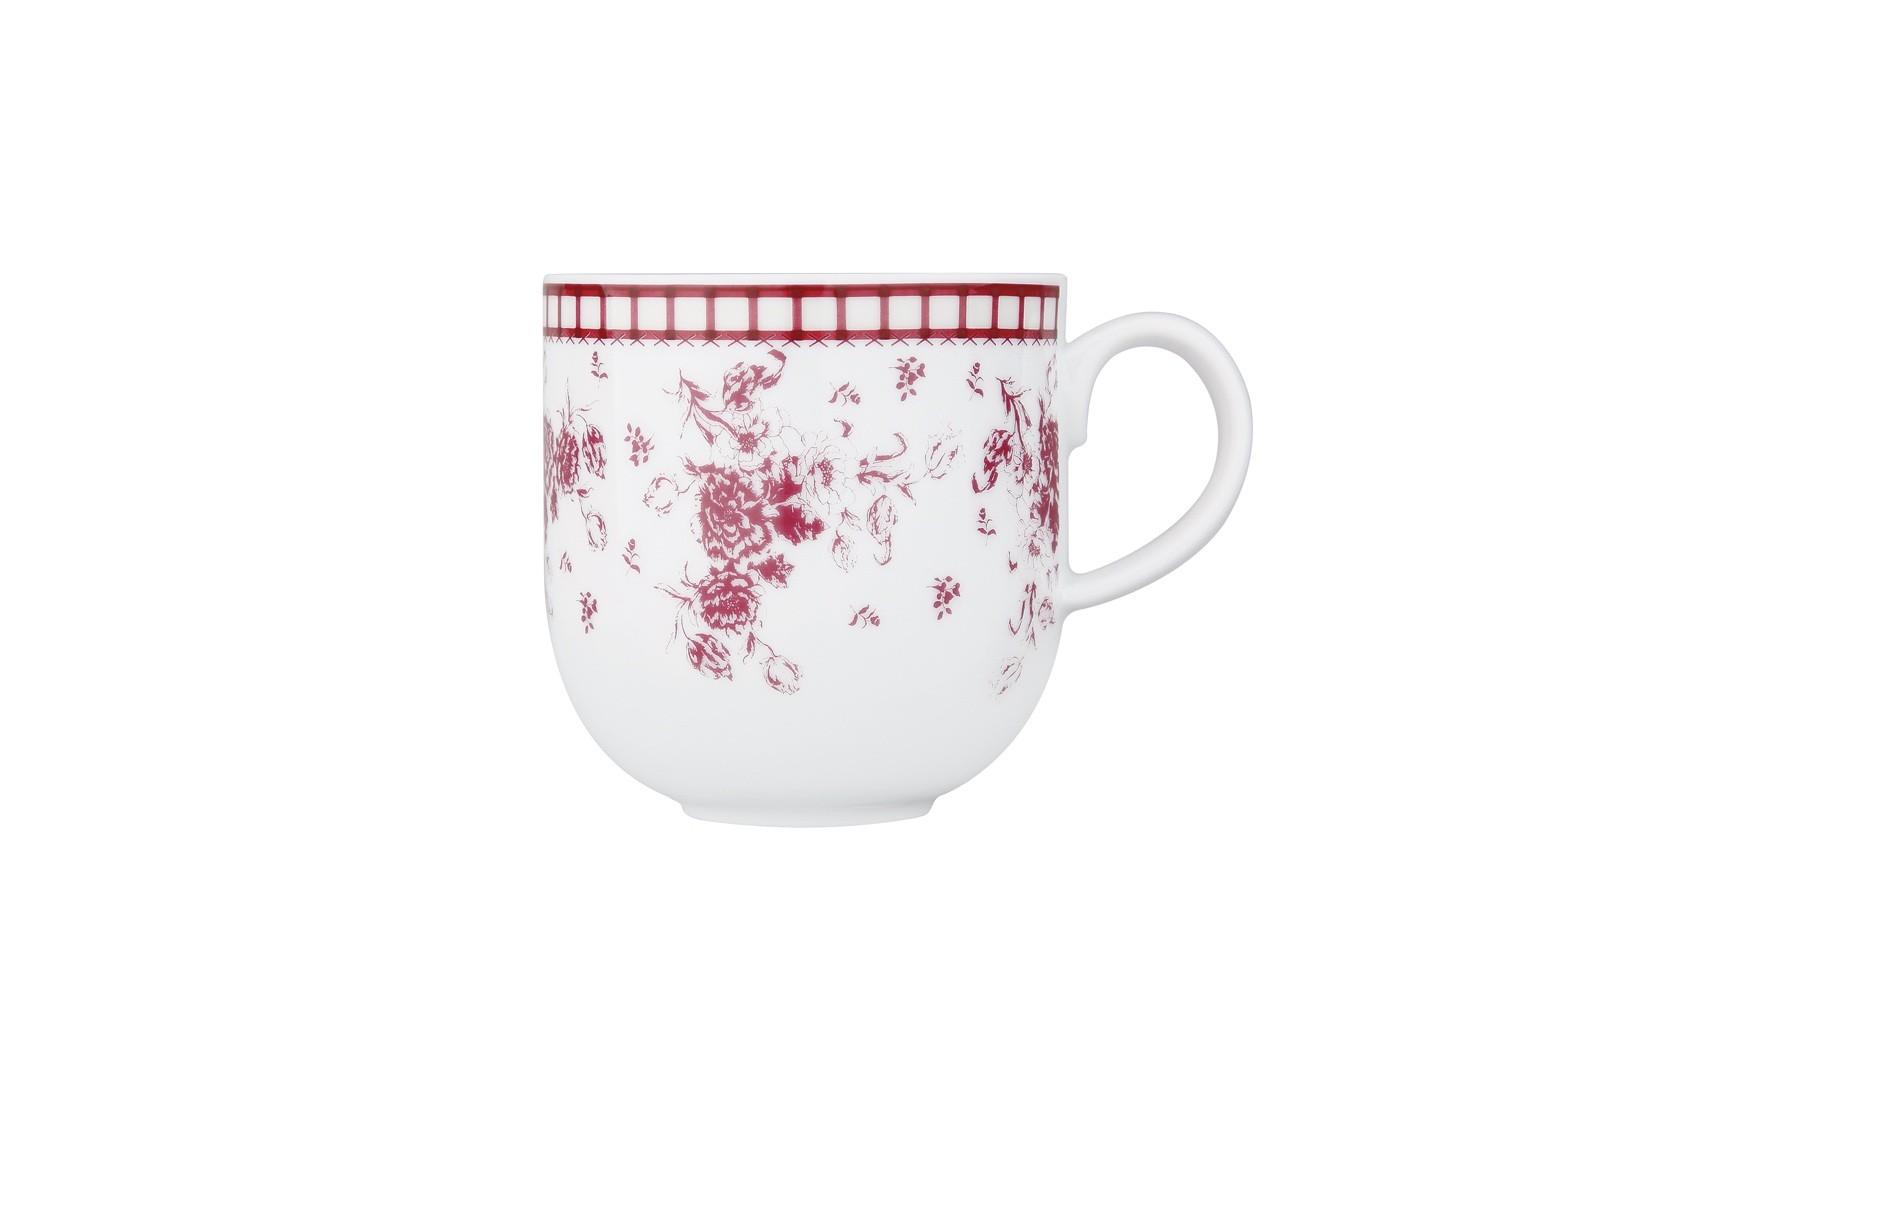 Κούπα Εξοχή Λουλούδι Ionia home   ειδη cafe τσαϊ   κούπες   φλυτζάνια